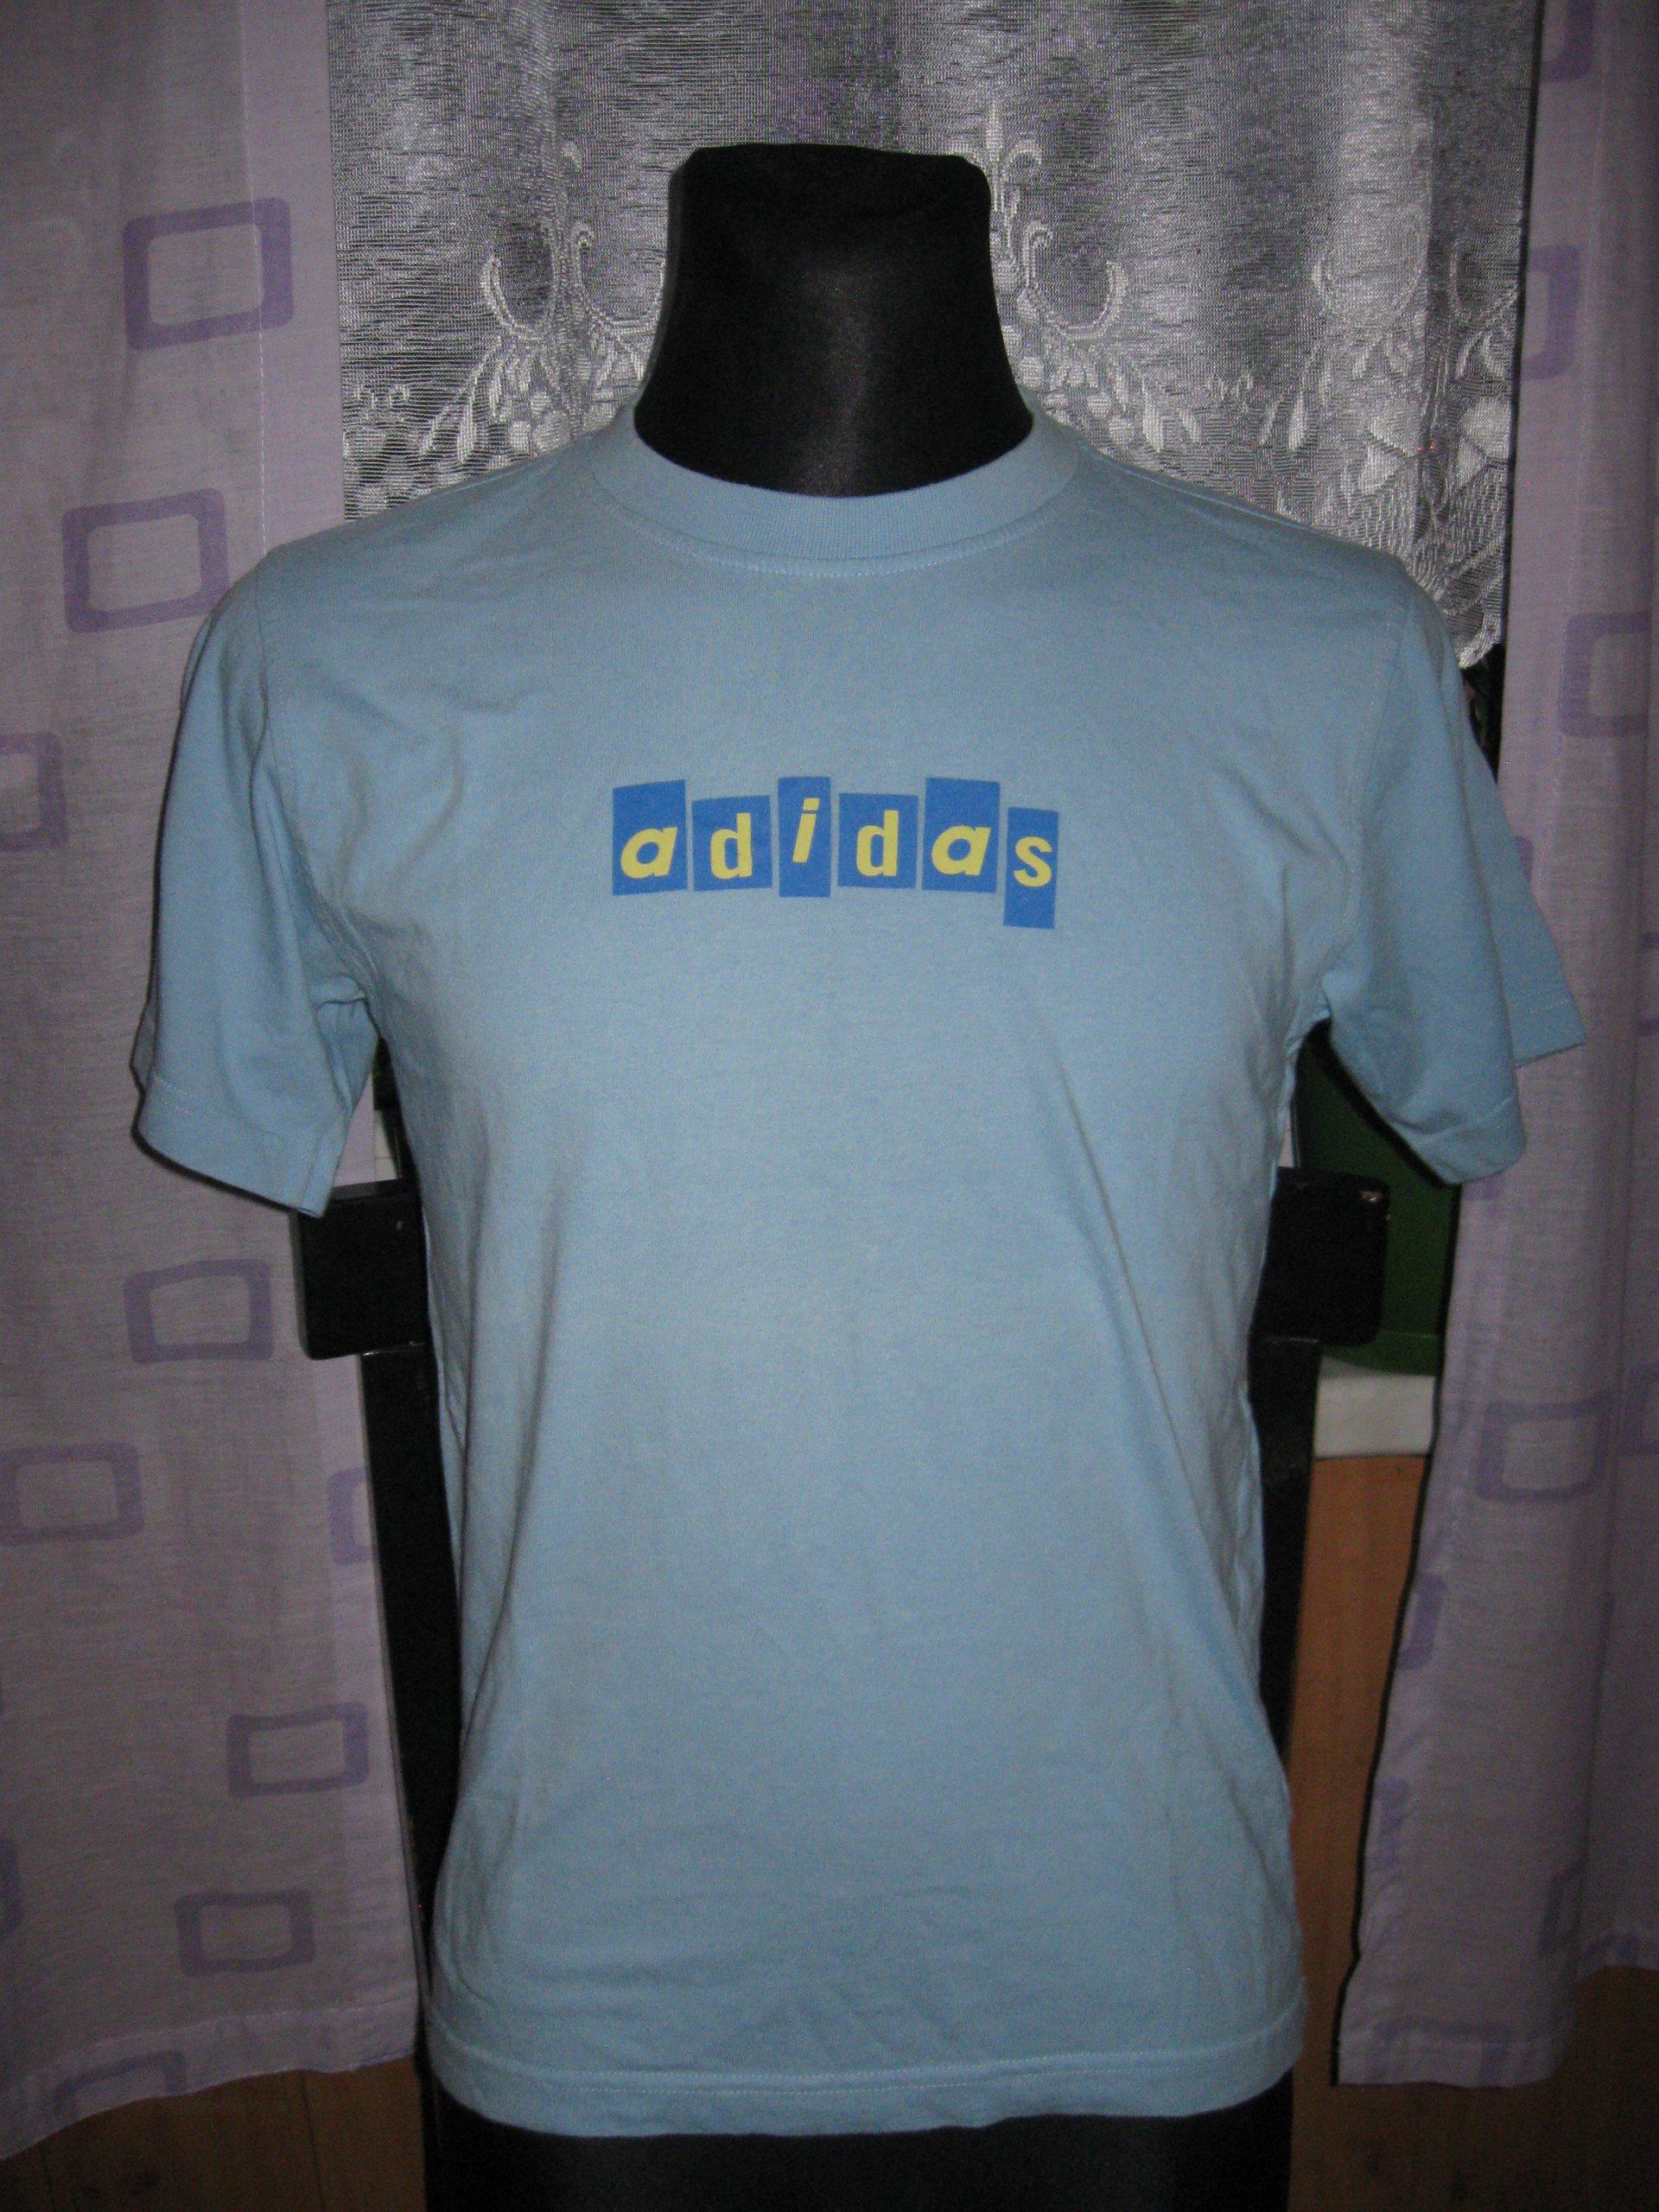 f9ccb9aa0c ADIDAS - T - shirt chłopięcy roz. M / 164 - 7039139632 - oficjalne ...